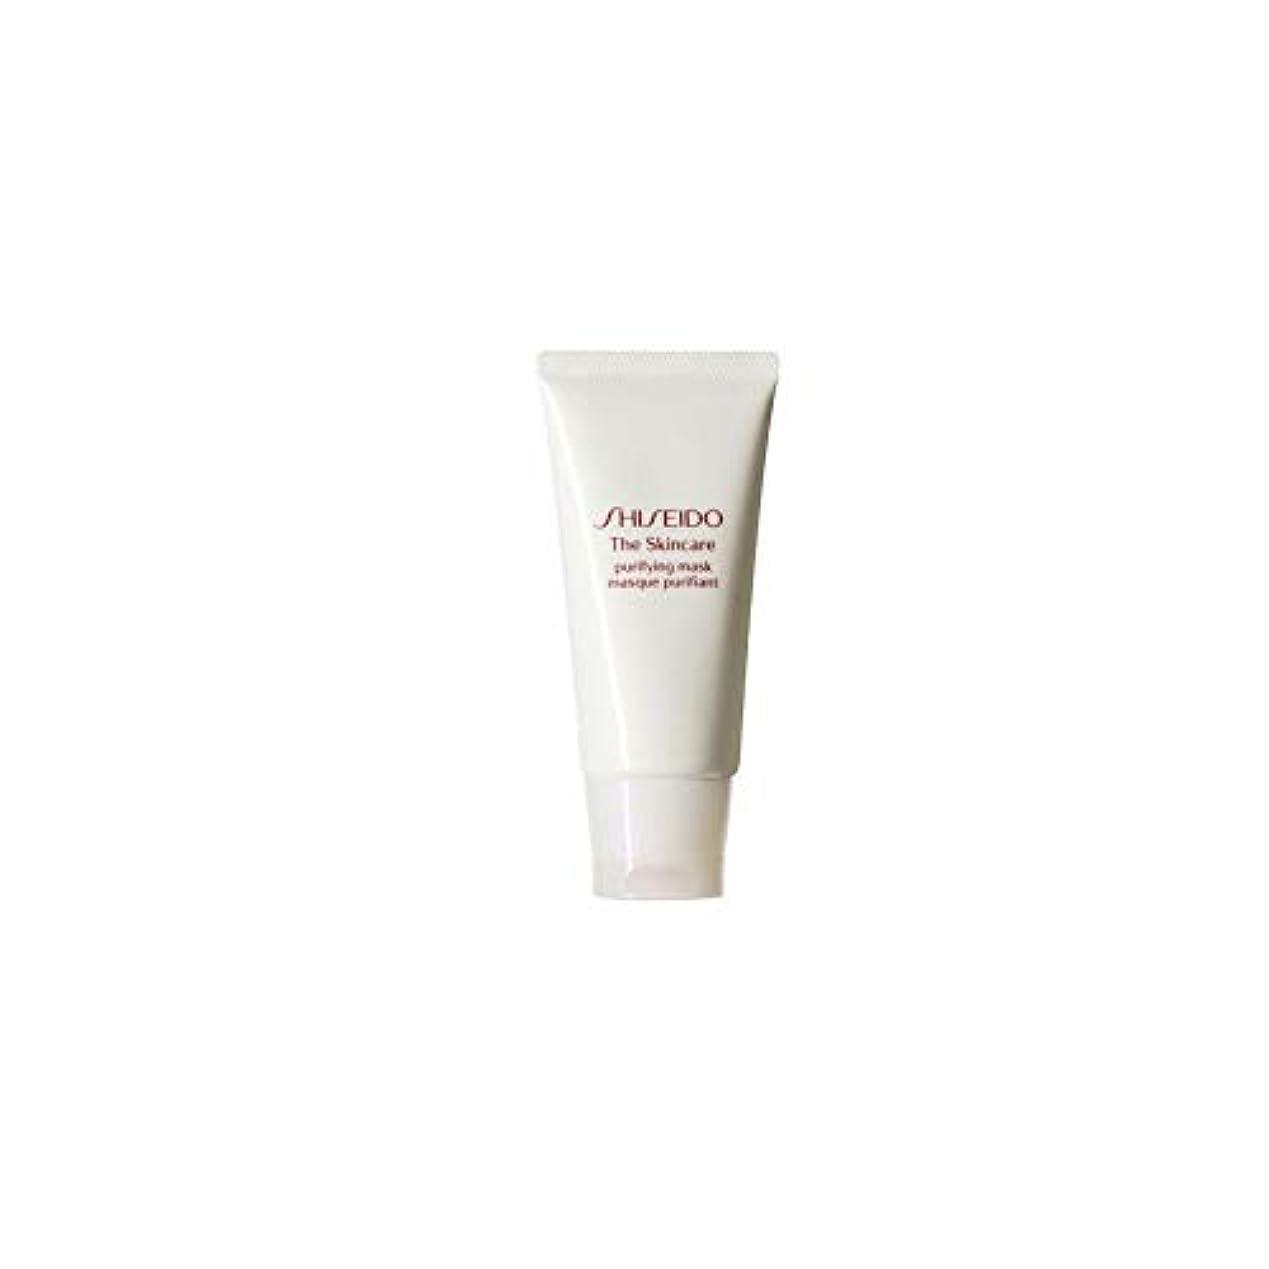 変装優れたクレタ[Shiseido] 資生堂スキンケアの必需品浄化マスク(75ミリリットル) - Shiseido The Skincare Essentials Purifying Mask (75ml) [並行輸入品]